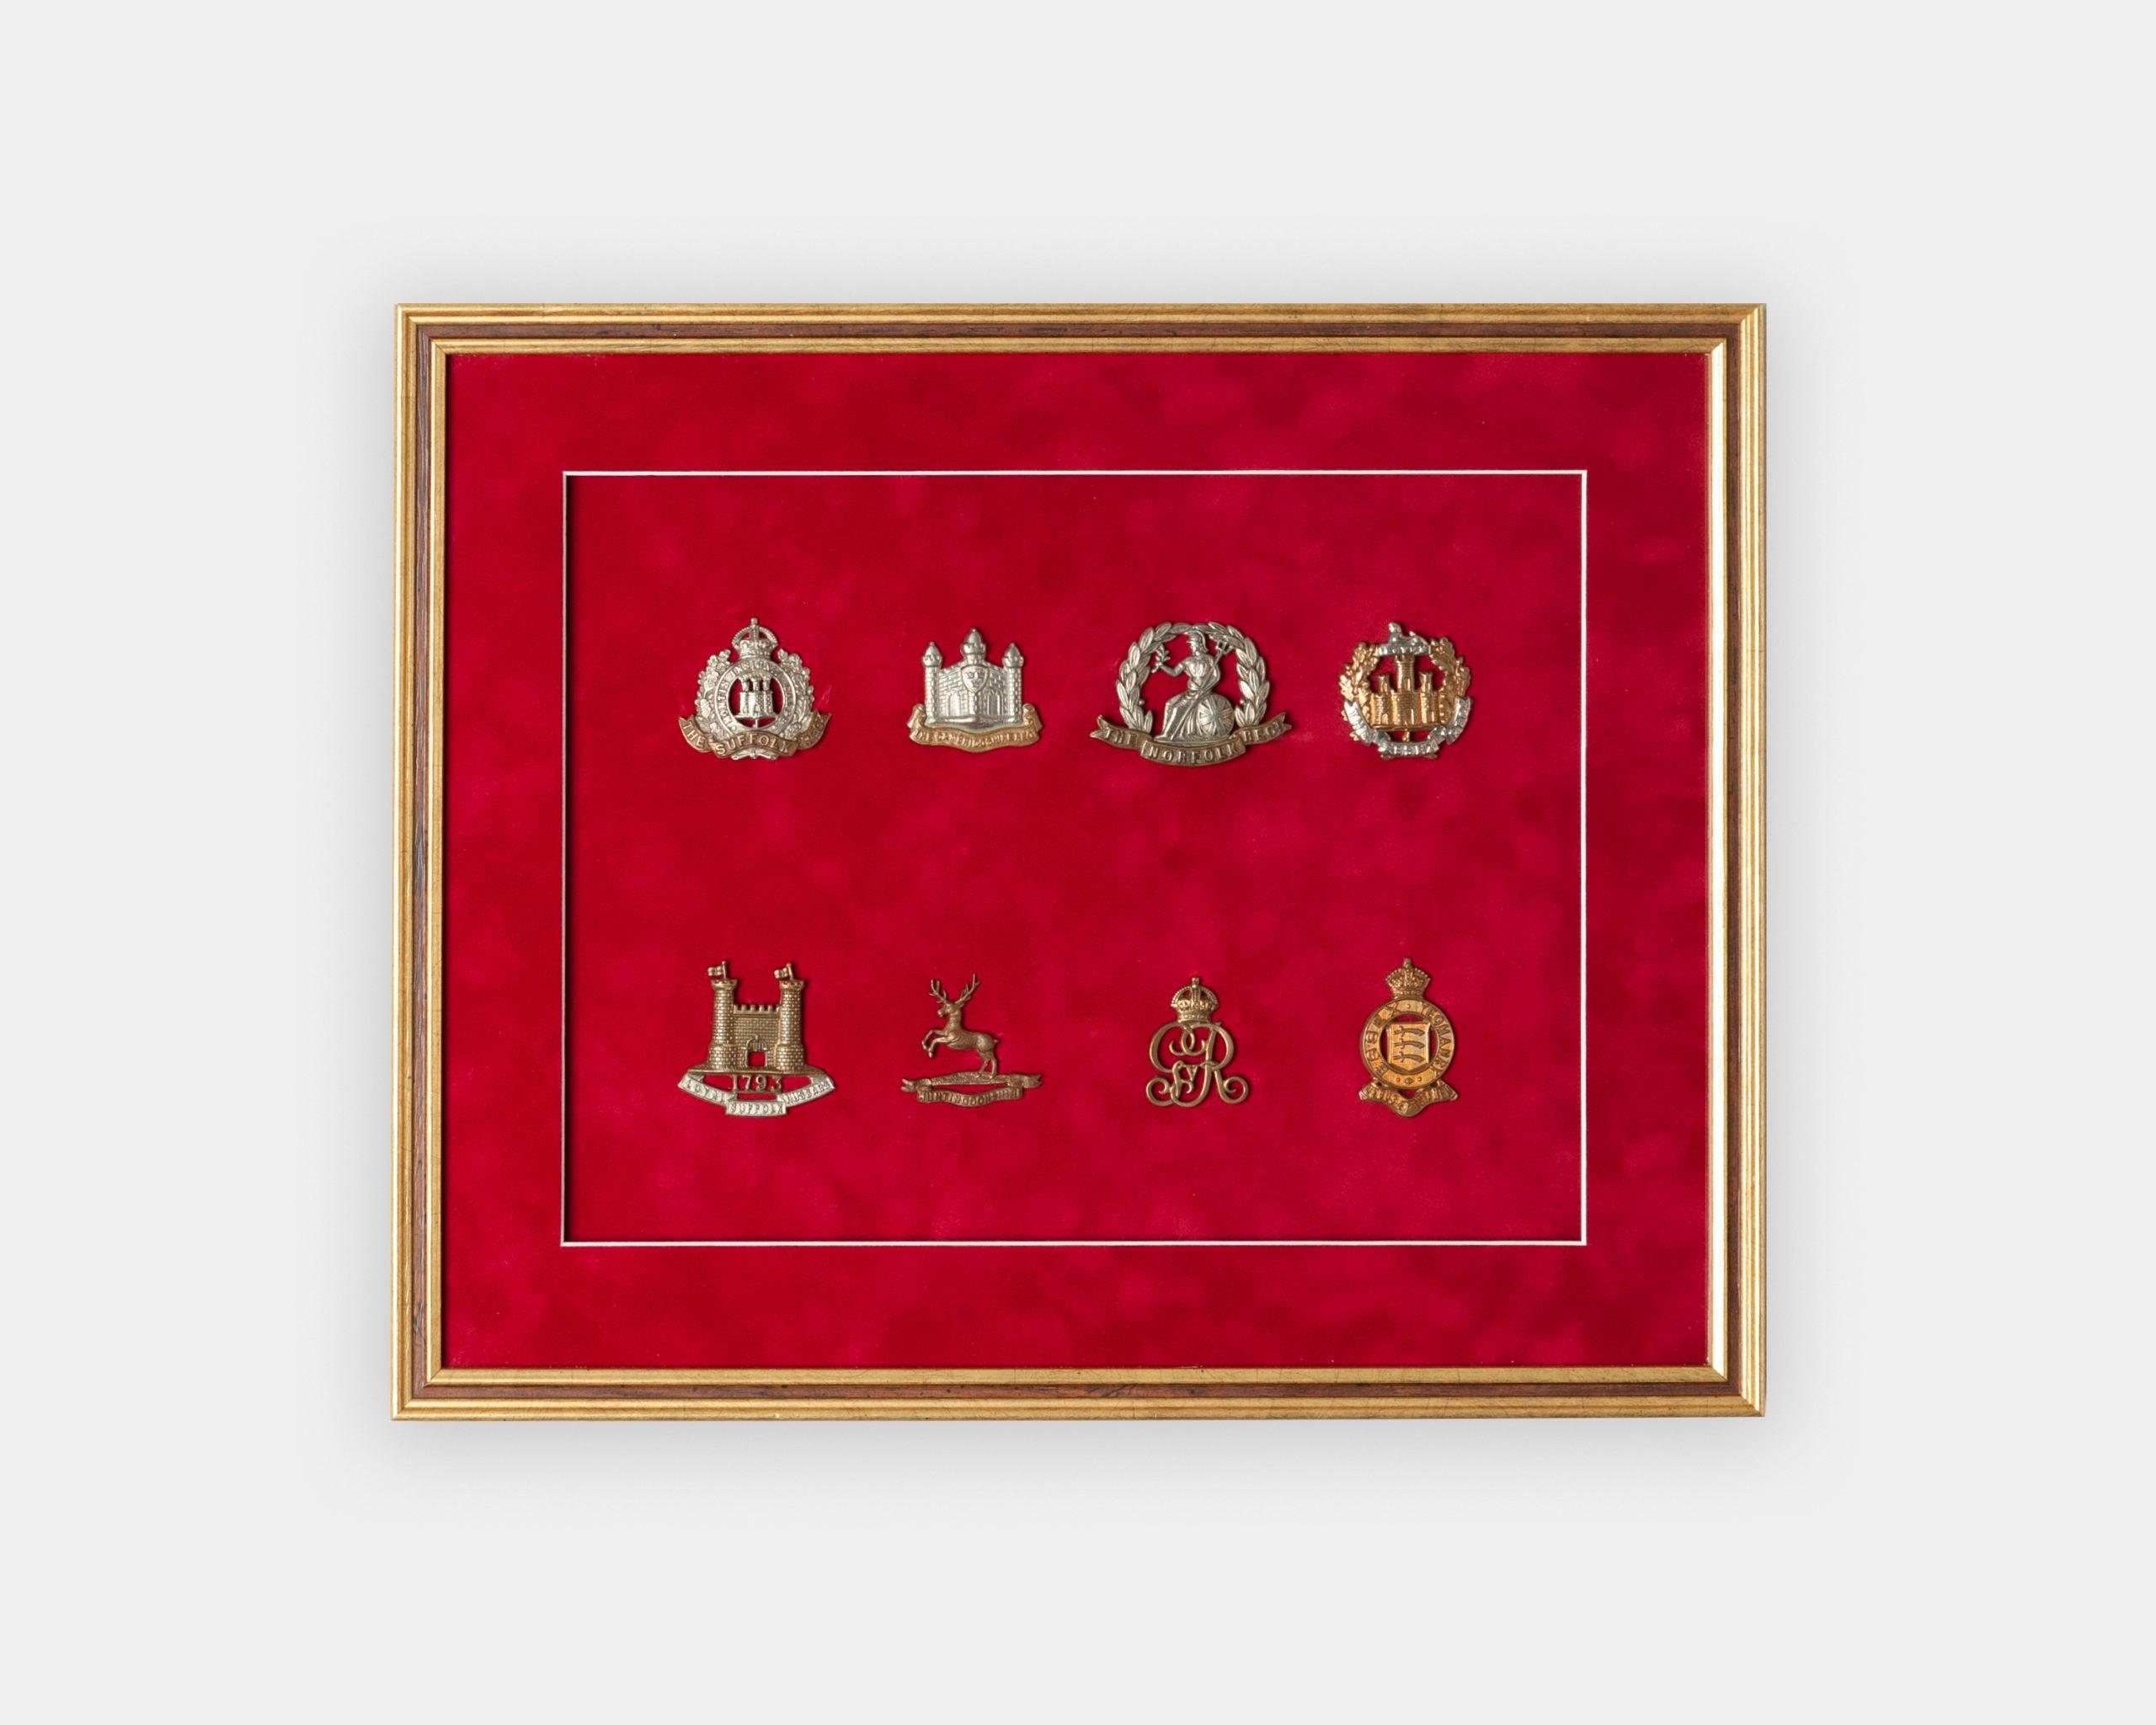 Framed Medal Badges